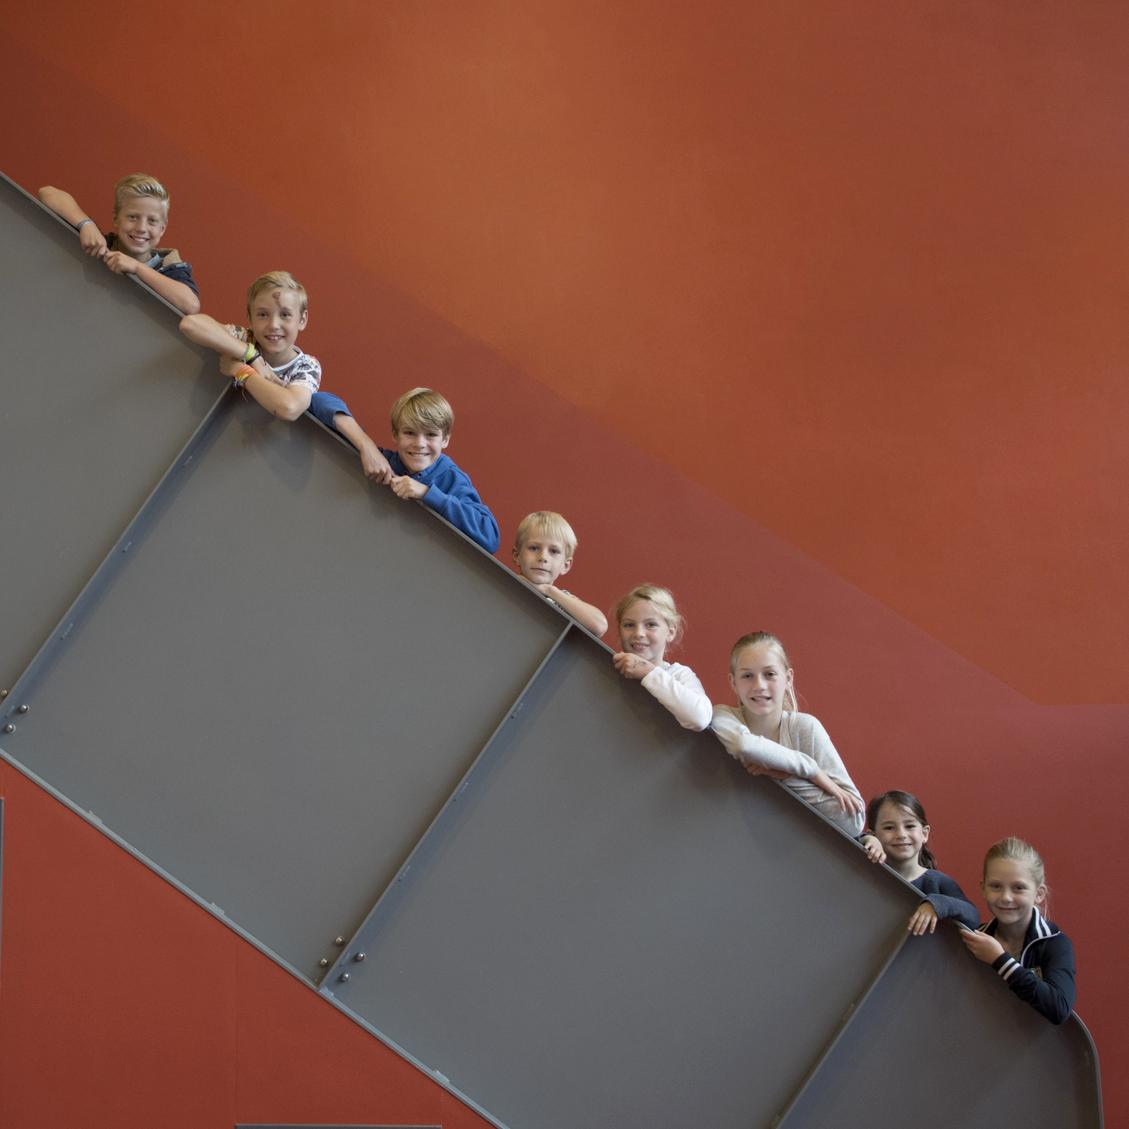 Paschalisschool - Kinderen op trap